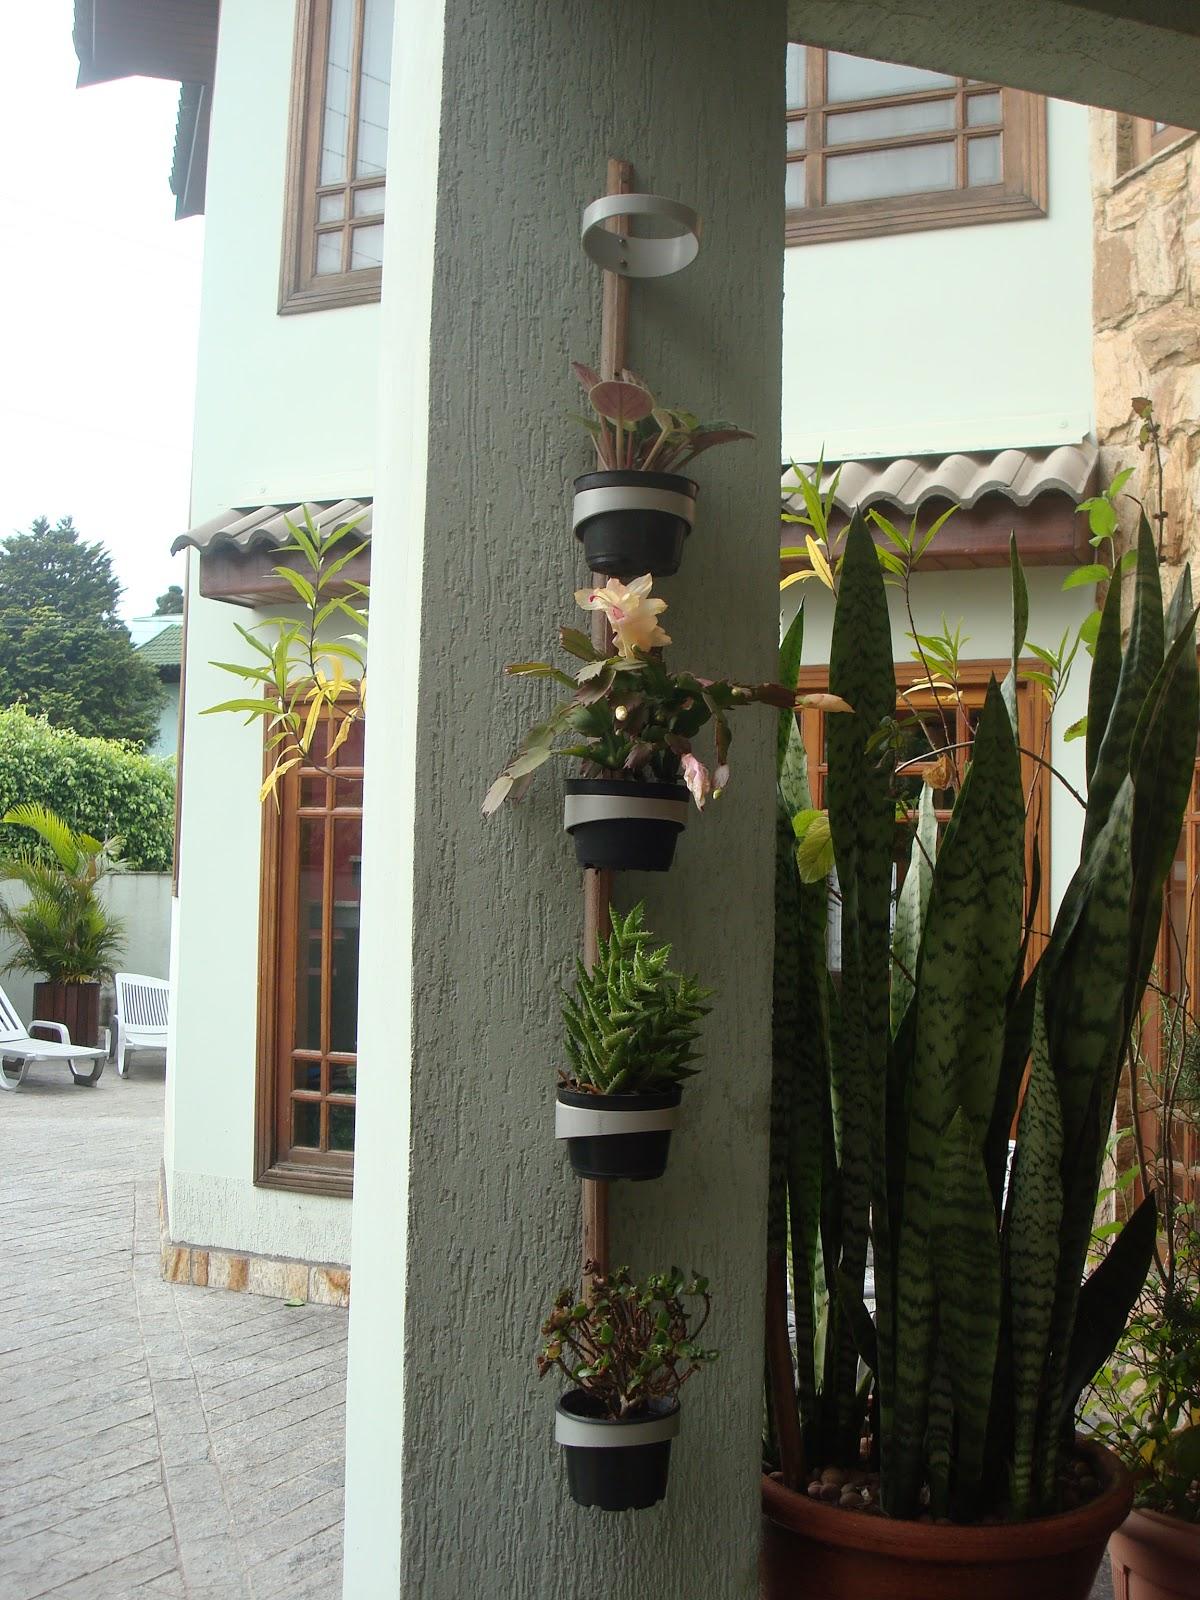 Atelier do Zero: Suporte para pendurar vasos pequenos de plantas  #664834 1200x1600